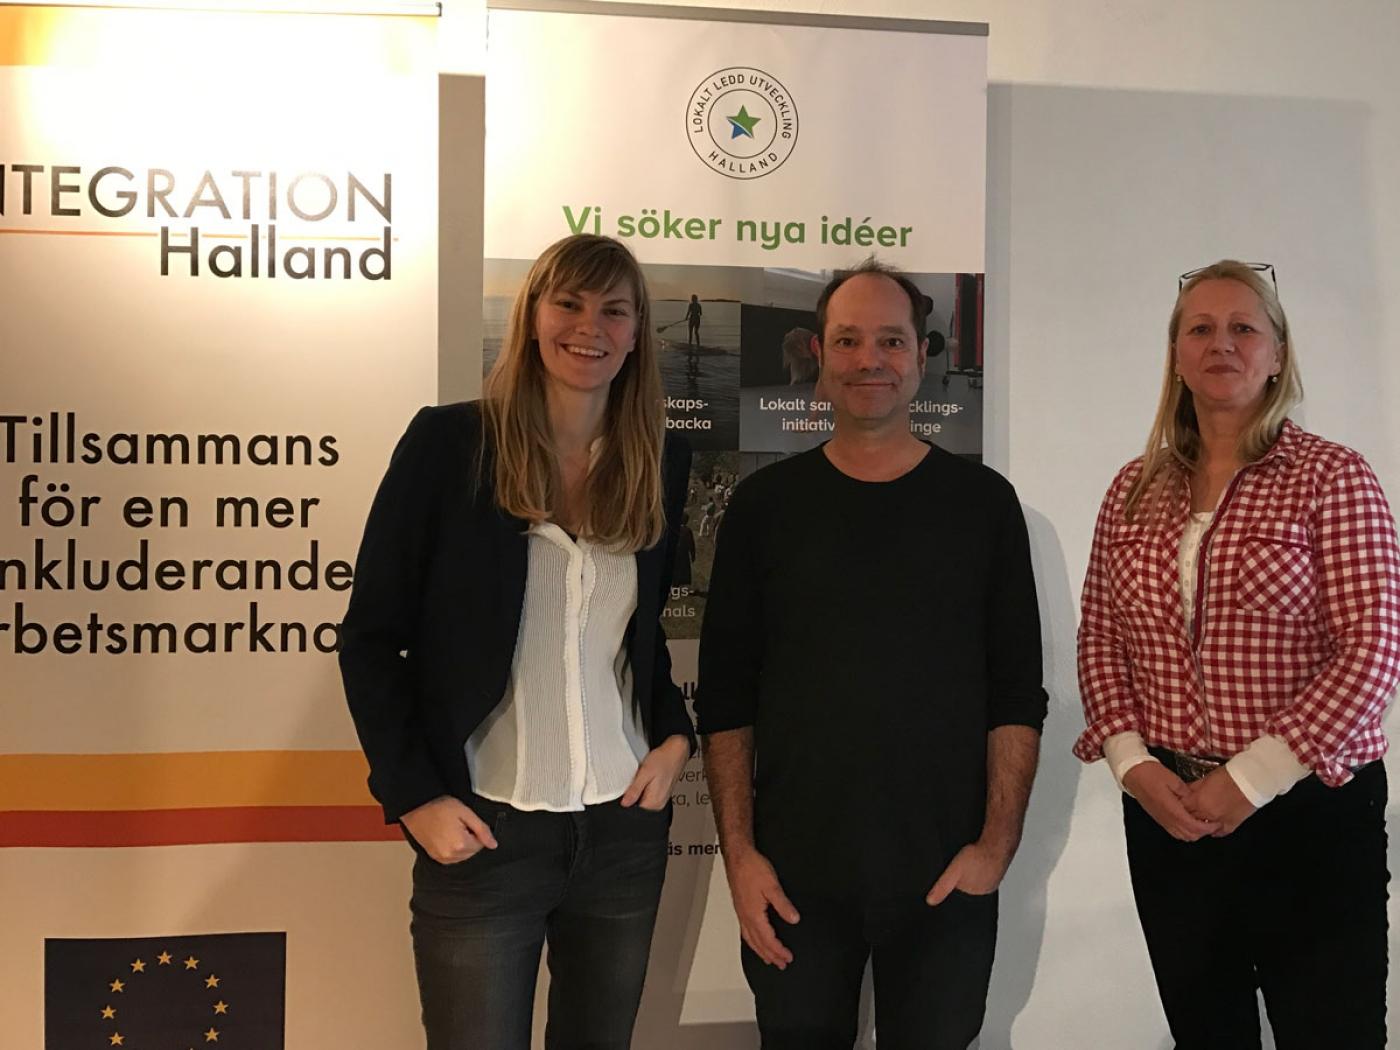 Die Sauerländer Delegation in Schweden: Hannah Kath, Christoph Hammerschmidt und Diana Kammender (Kommunales Integrationszentrum)